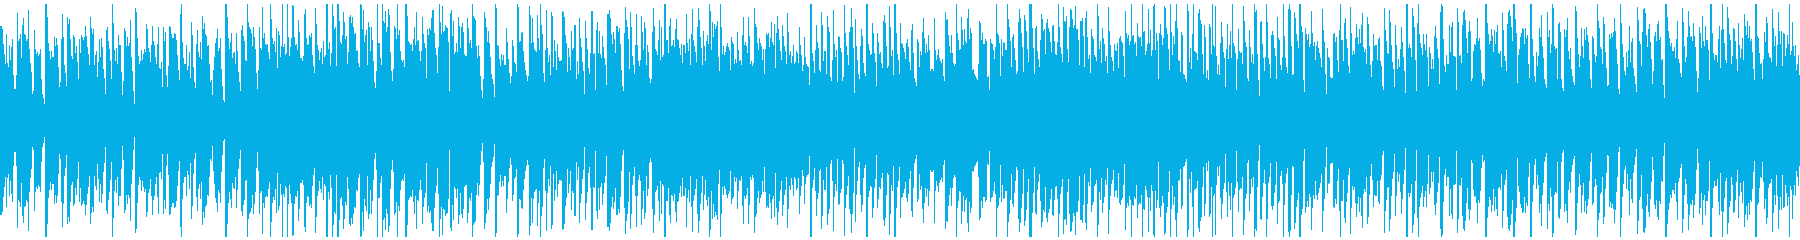 リコーダーの楽しいバラエティ曲※ループ版の再生済みの波形